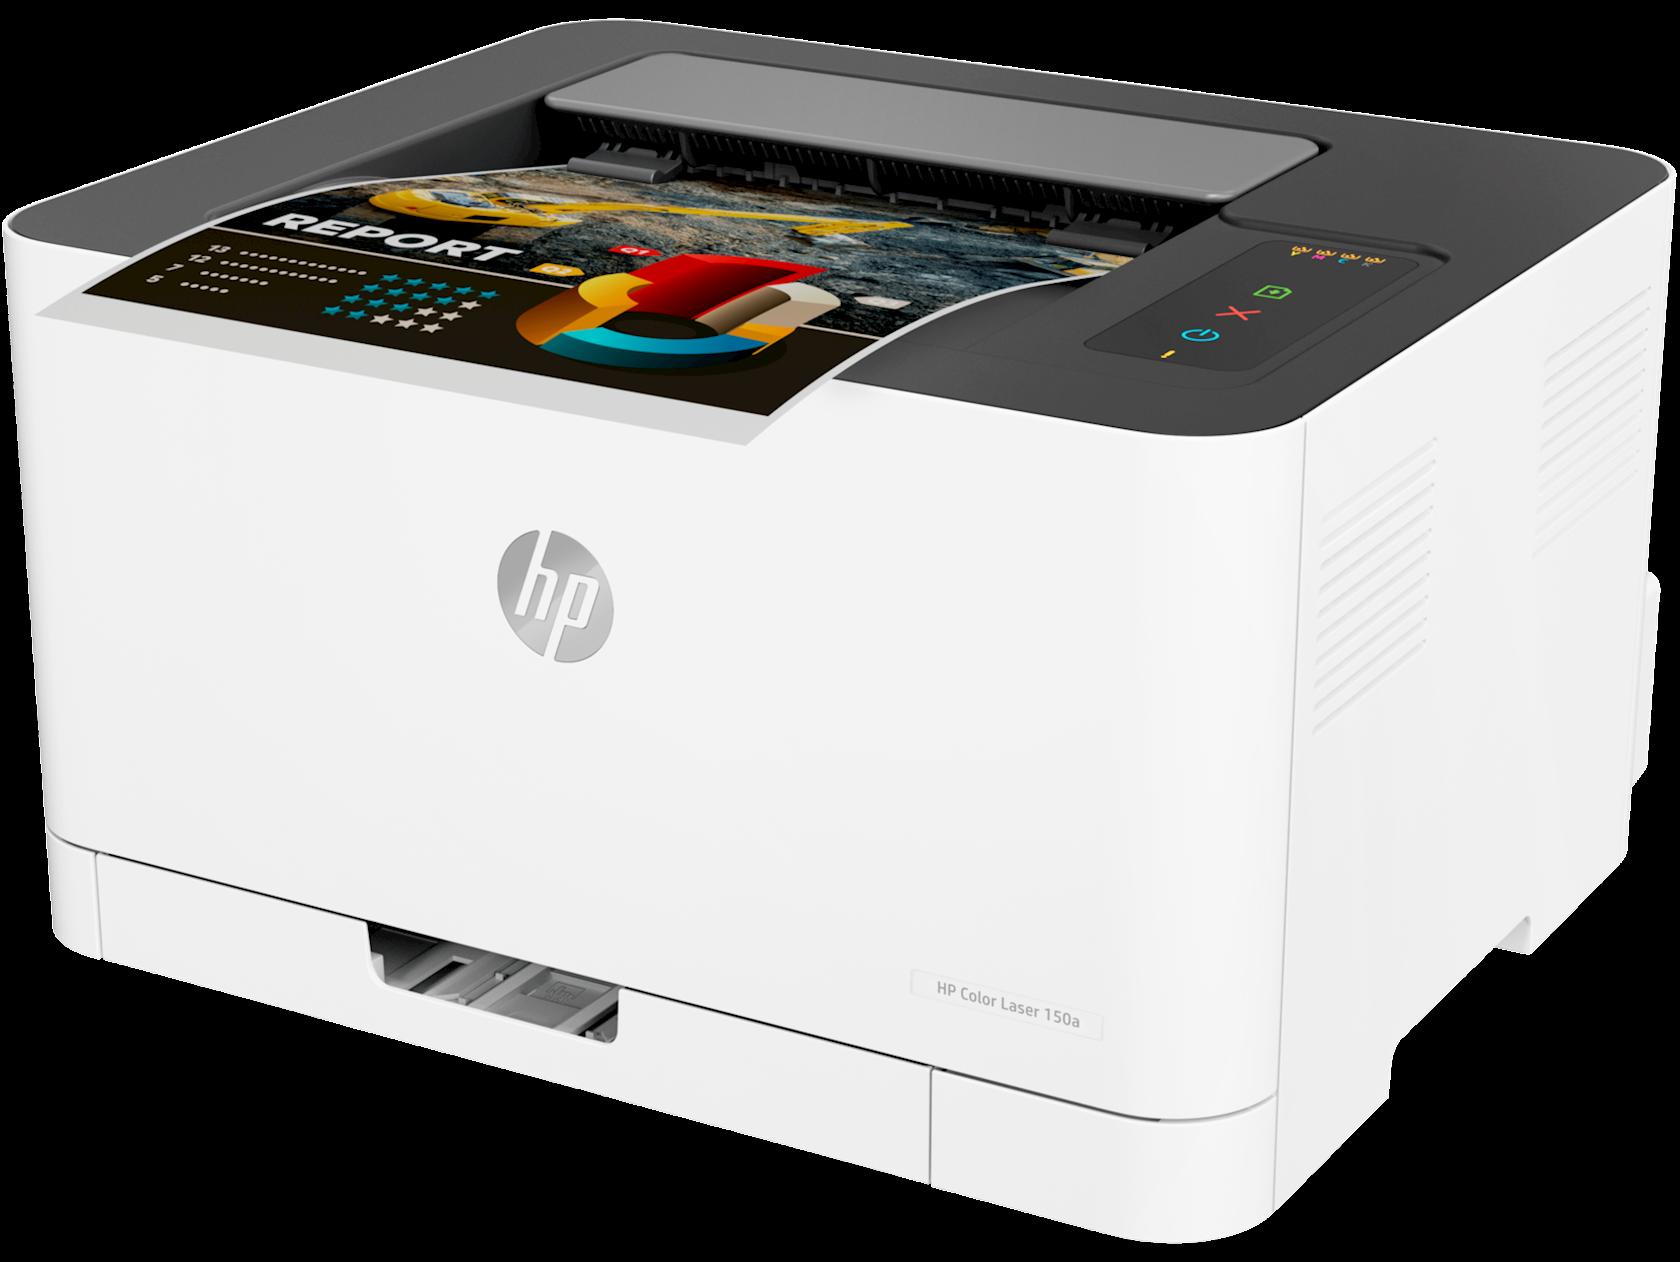 Lazerli printer HP Color LaserJet 150a (4ZB94A)